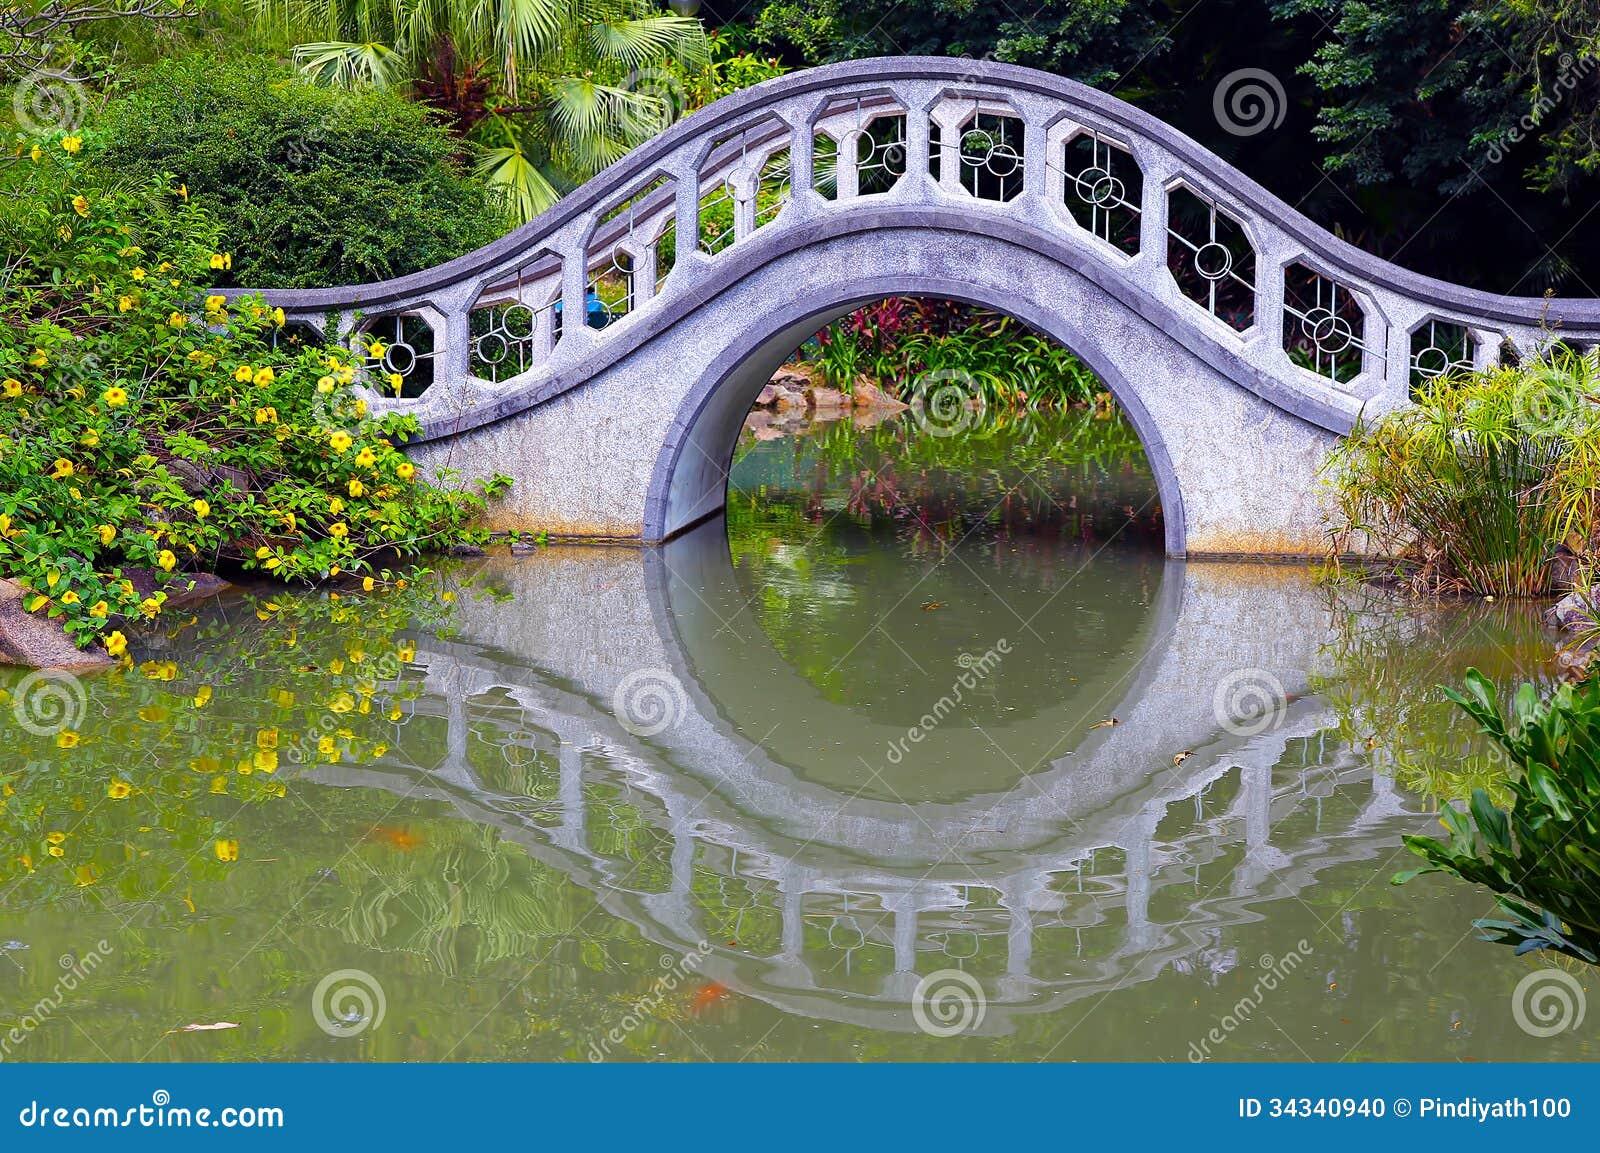 Autumn Zen Garden With Bridge Stock Photo Image Of Relaxing